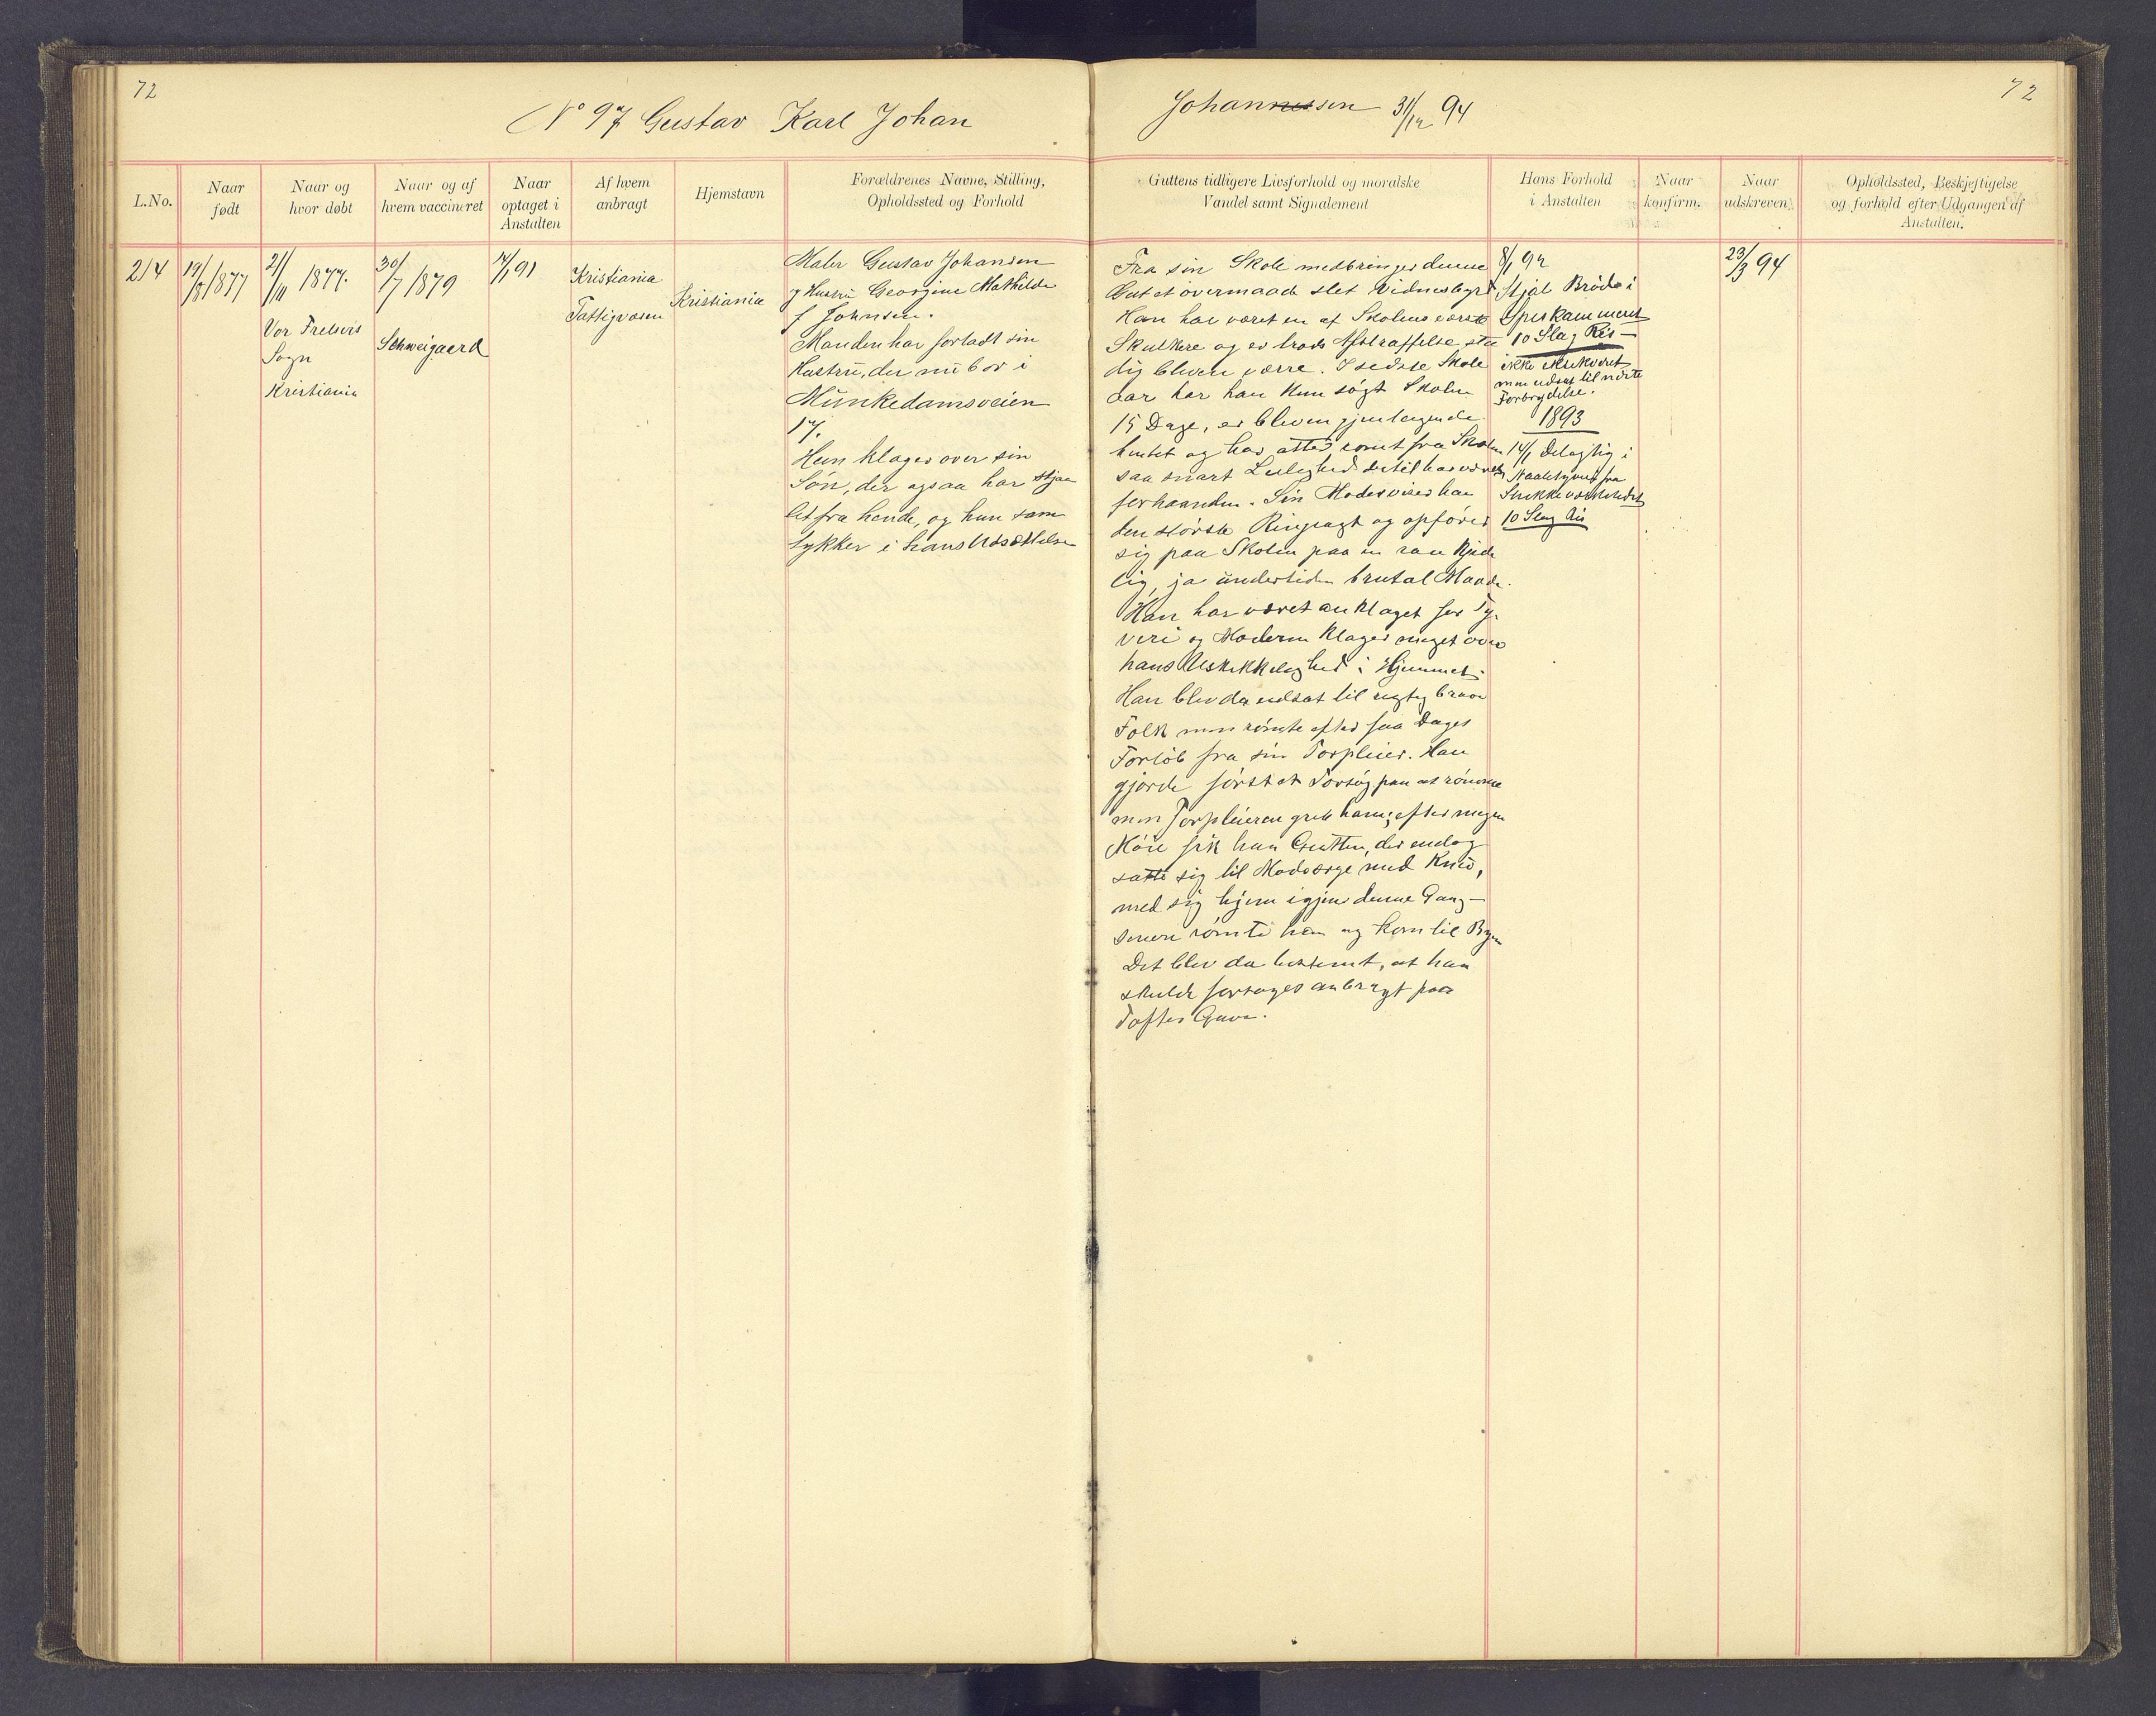 SAH, Toftes Gave, F/Fc/L0004: Elevprotokoll, 1885-1897, s. 72